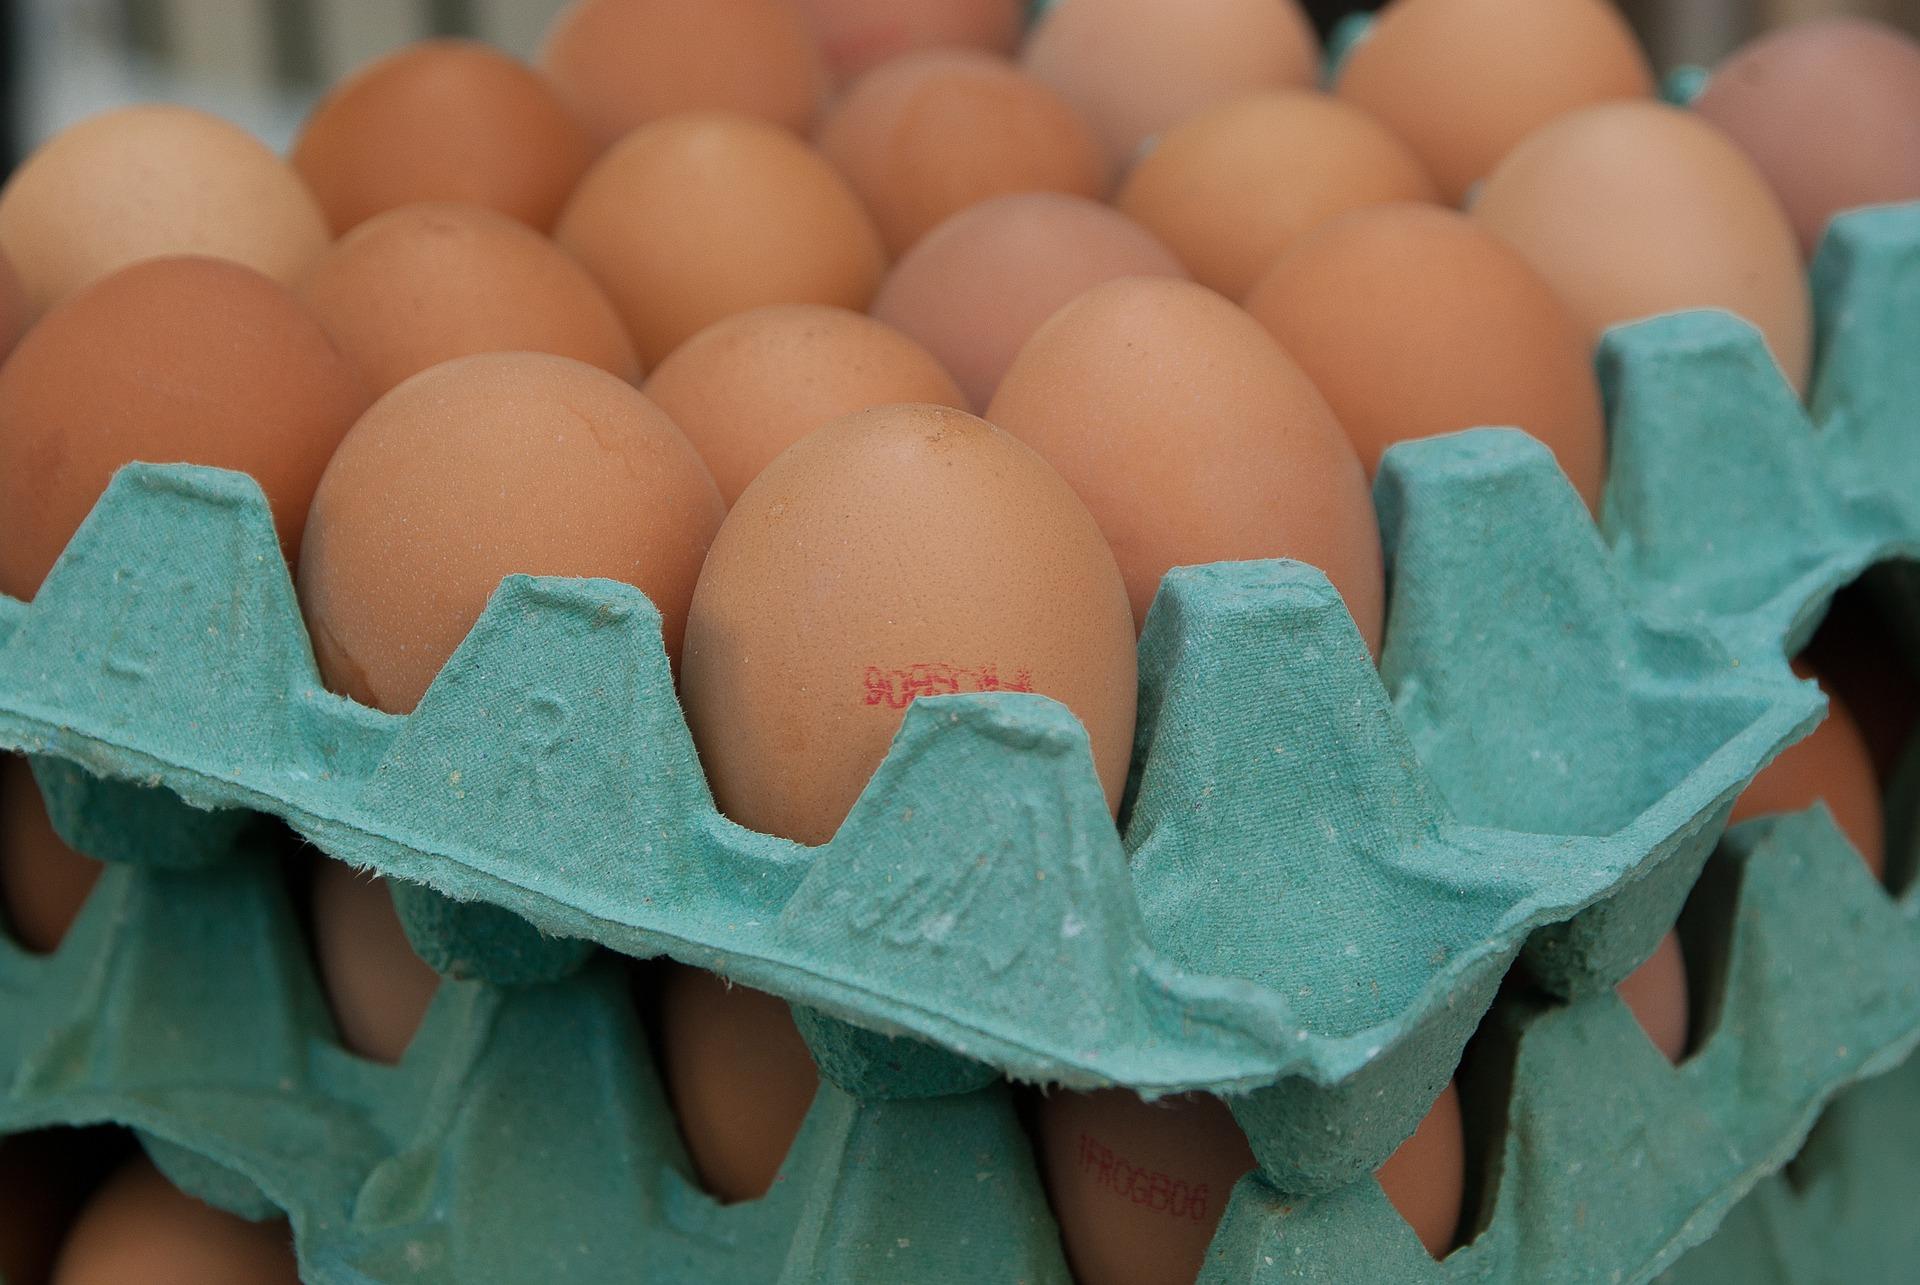 Rosną popyt i ceny jaj w Unii Europejskiej